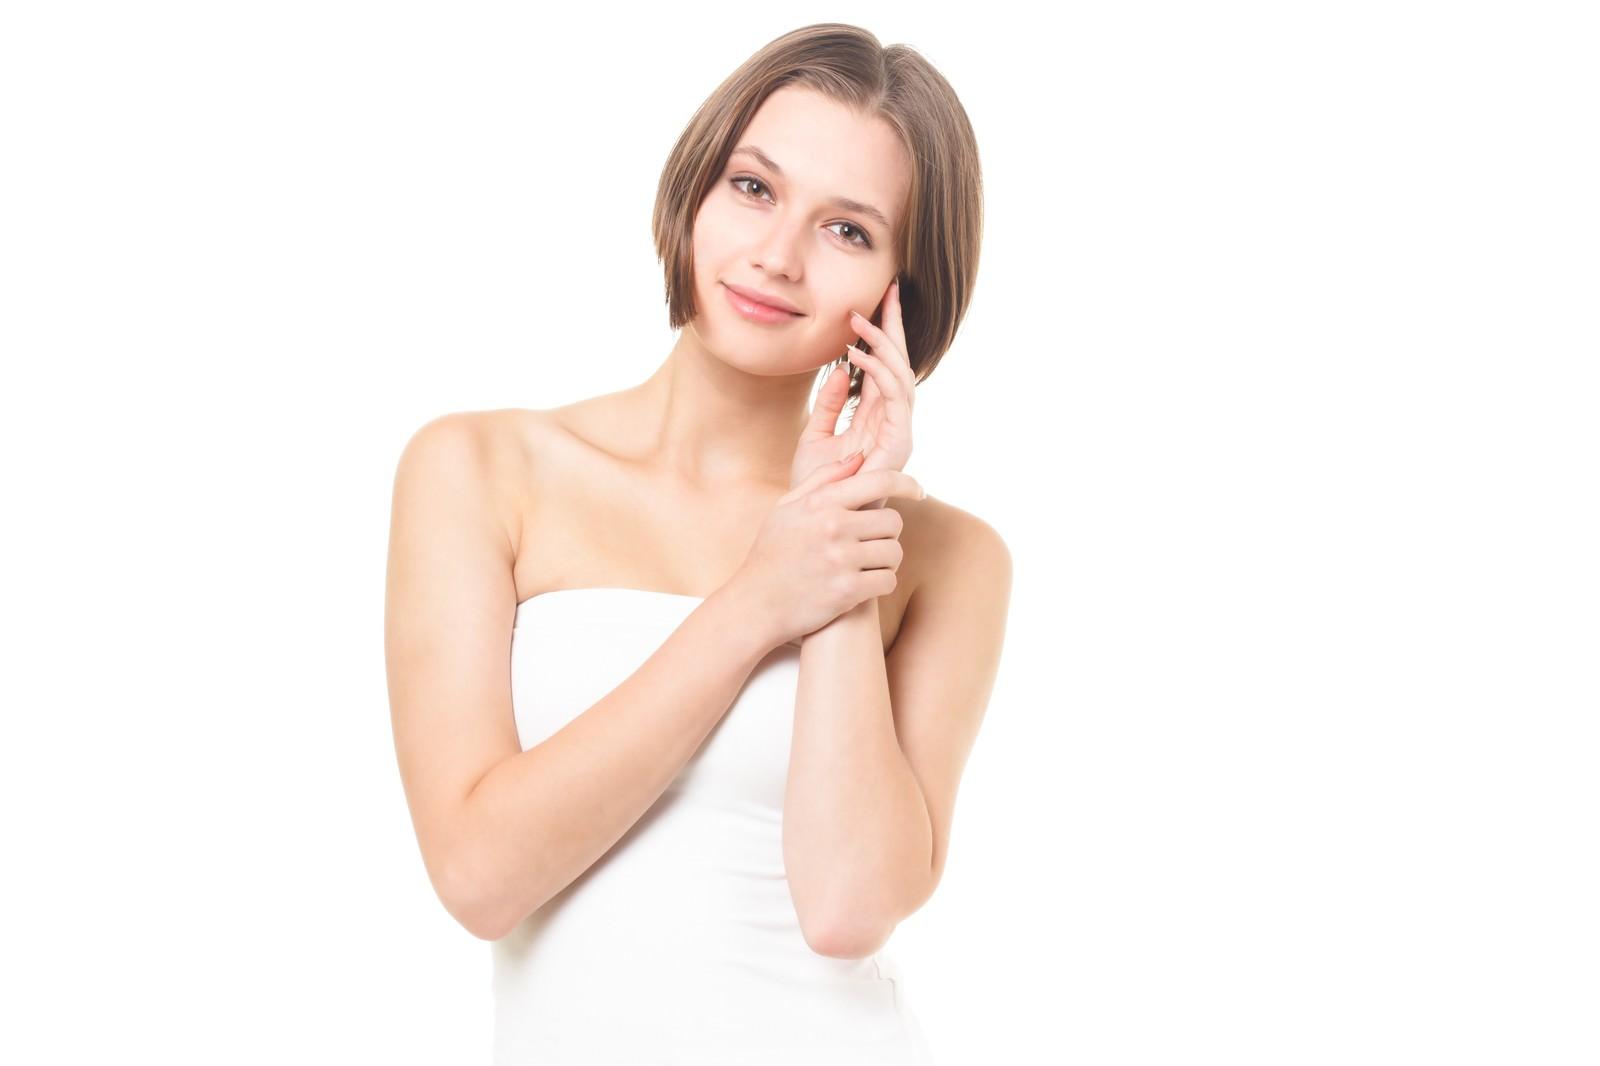 「微笑む女性(美容) | 写真の無料素材・フリー素材 - ぱくたそ」の写真[モデル:モデルファクトリー]